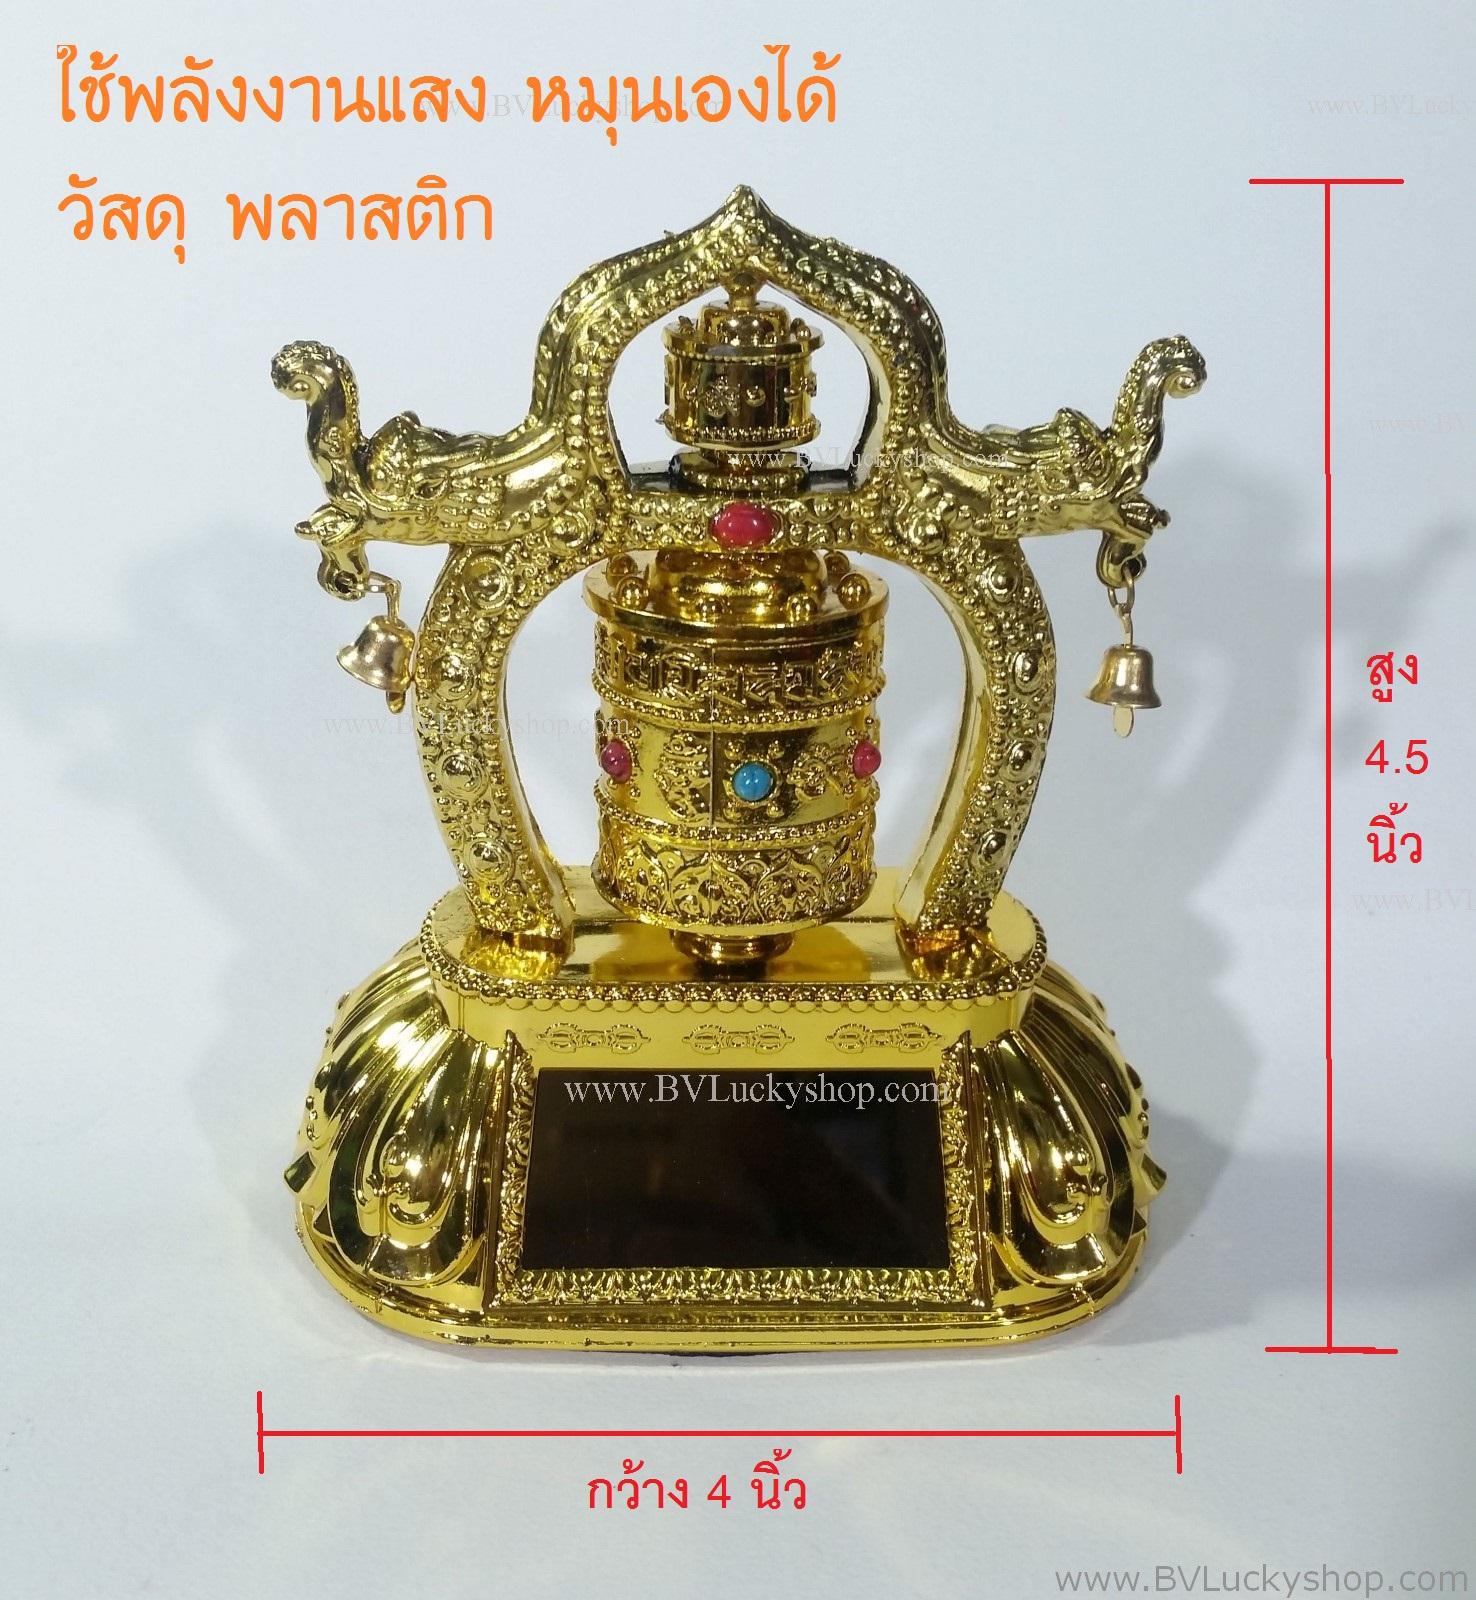 กงล้ออธิษฐาน ทิเบต กงล้อหมุนสวดมนต์ สูง4.5นิ้ว ใช้พลังแสง หมุนเองได้ [Sol-Tibet]